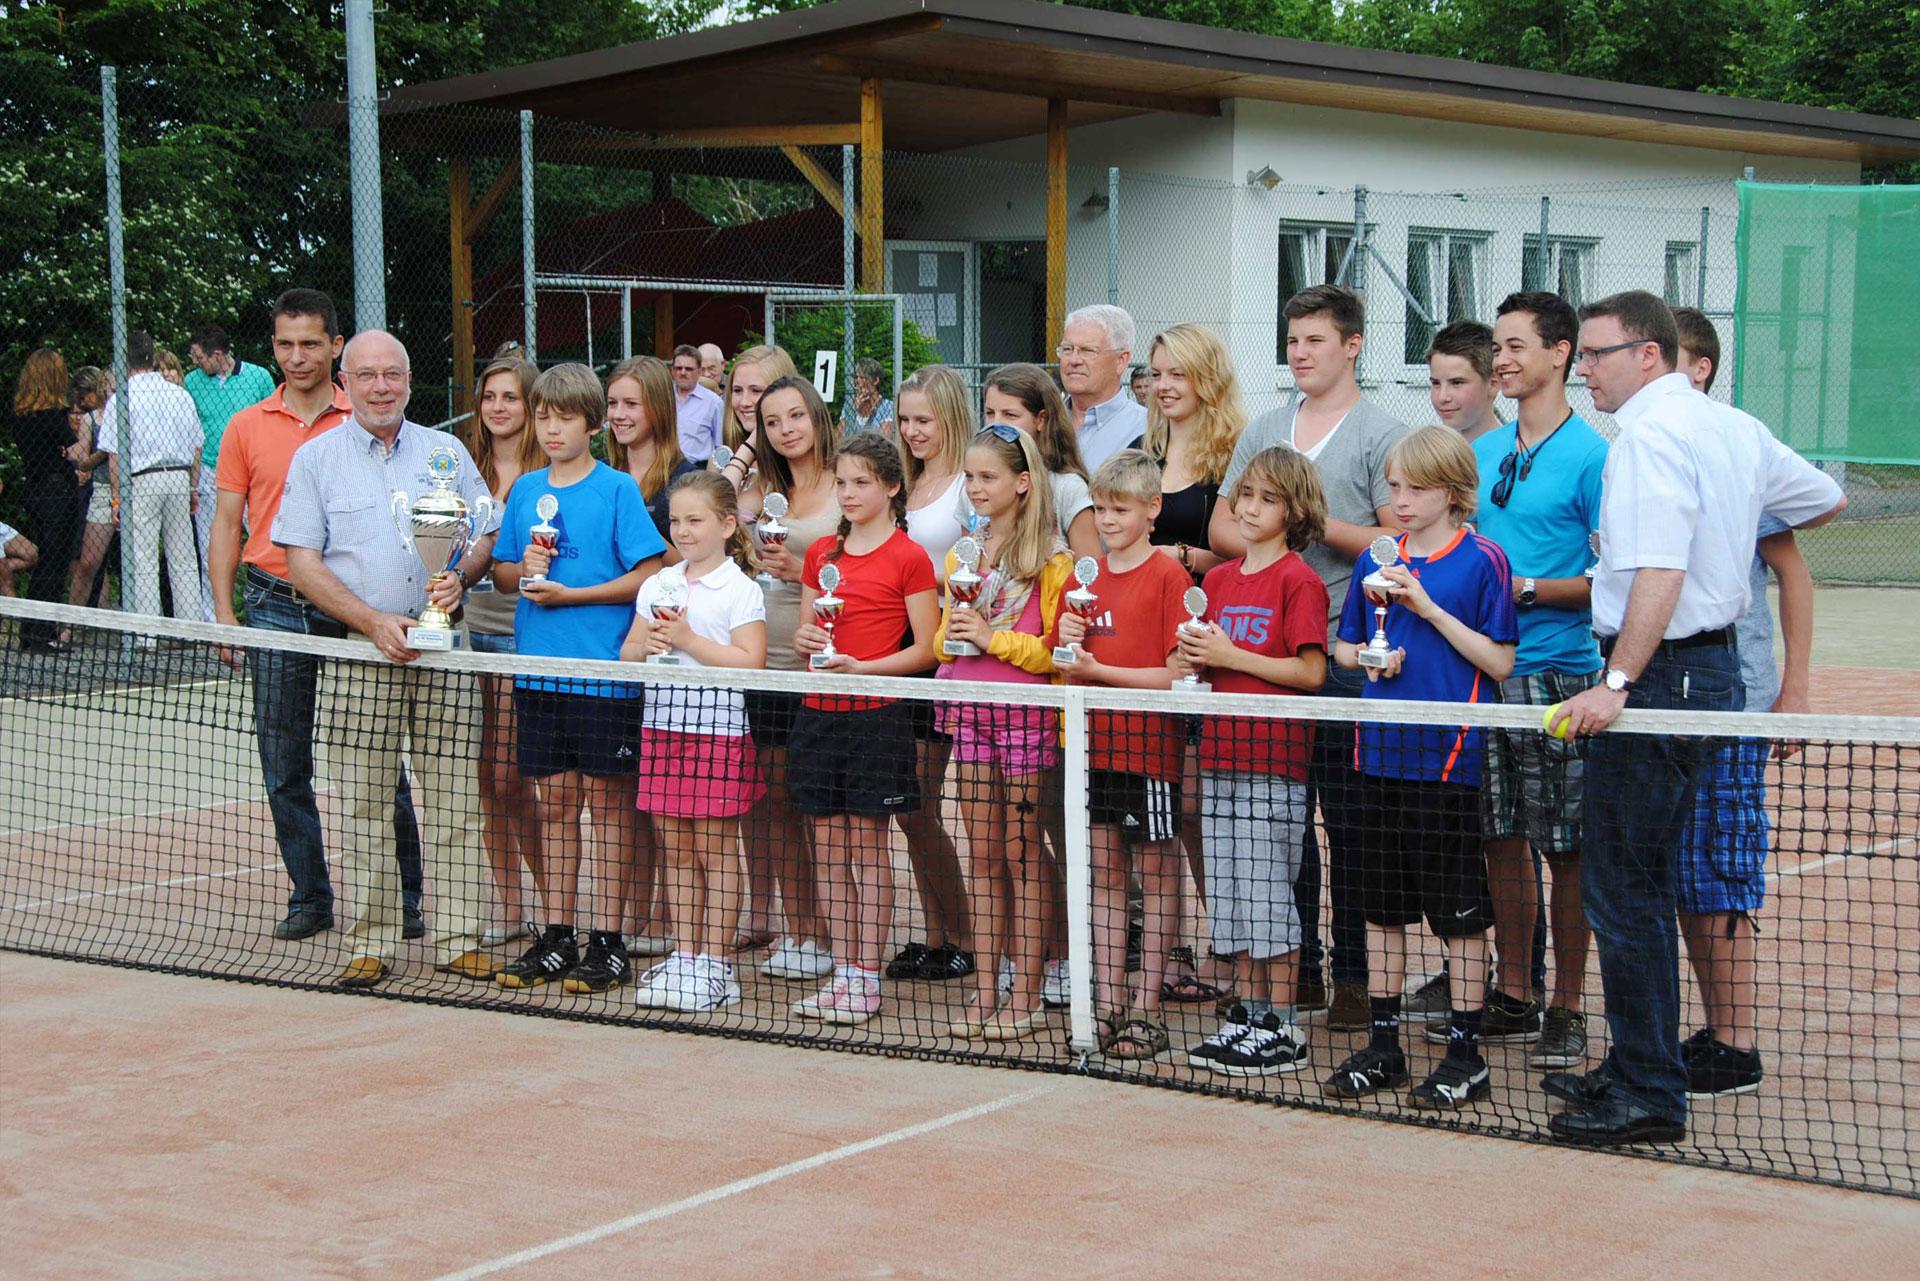 Verbandsgemeinde Cup - Tennisabteilung des TUS Gutenberg